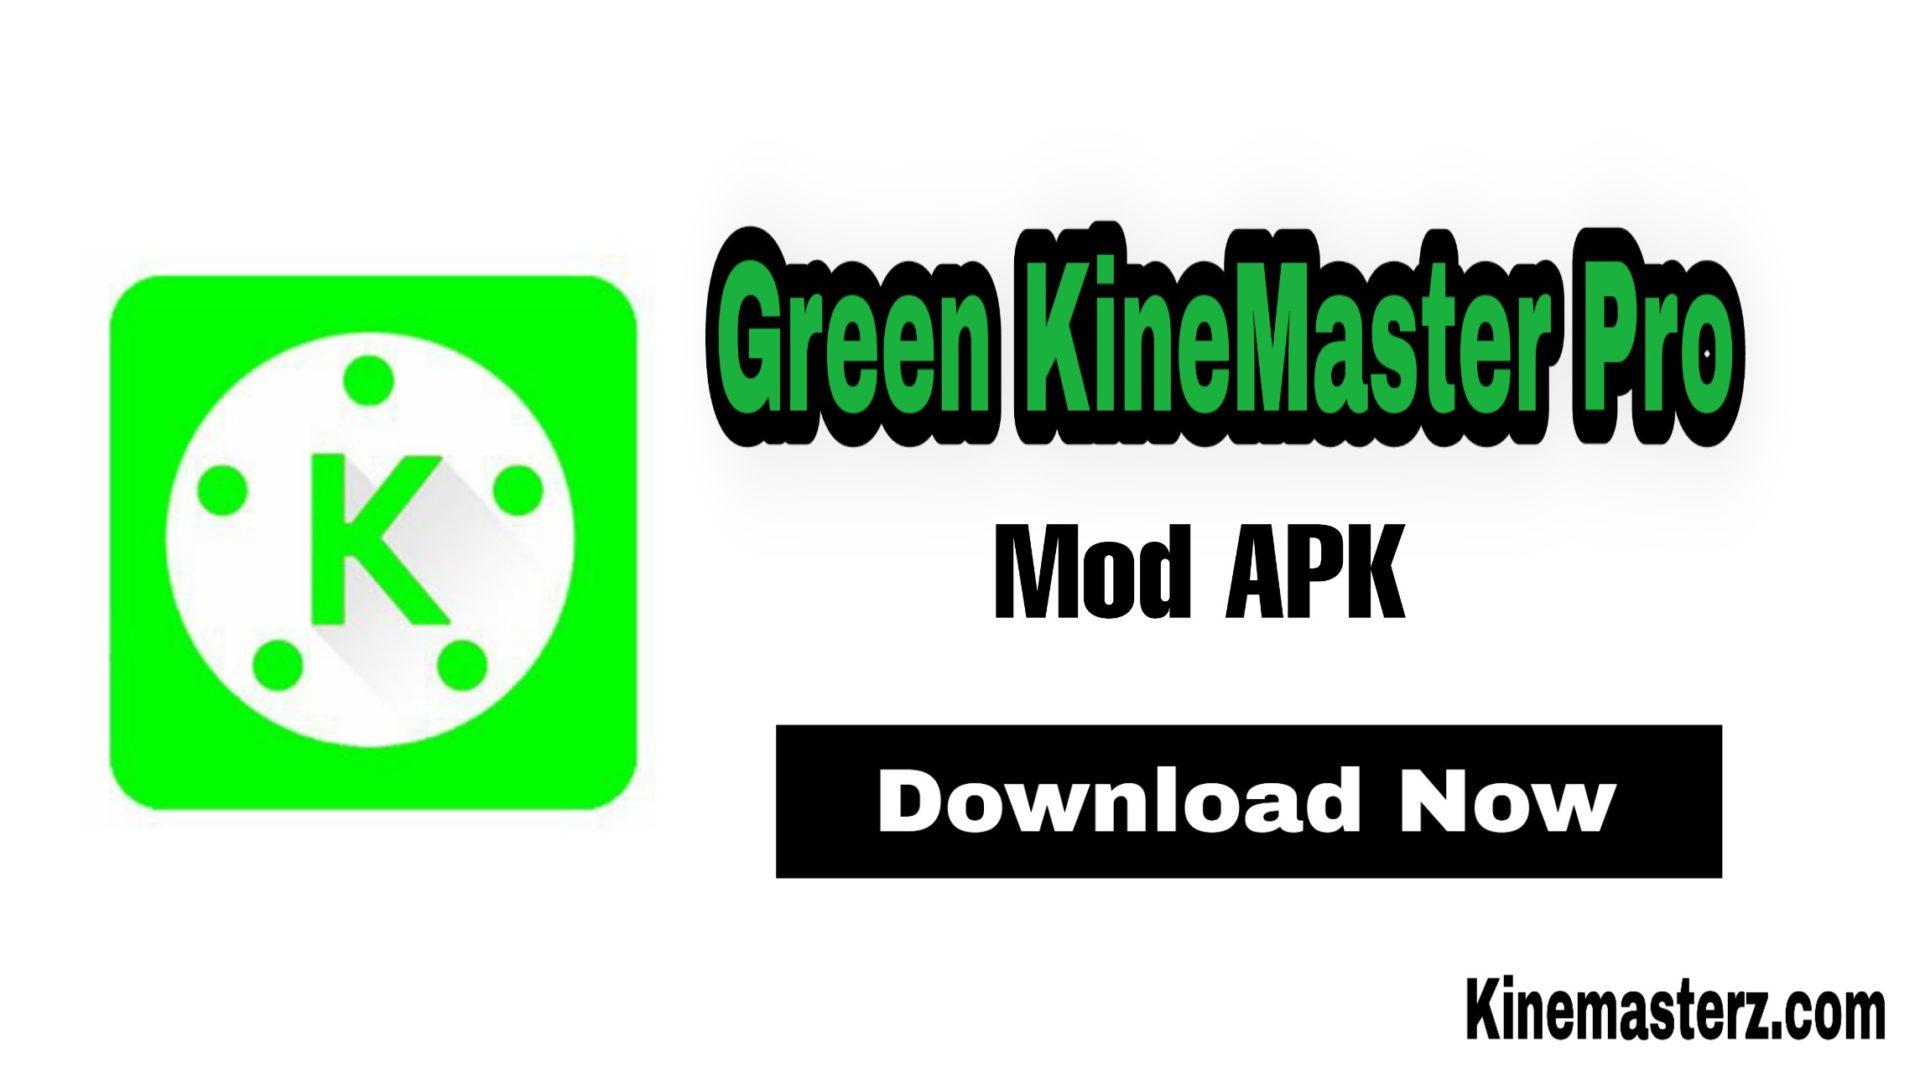 Green Kinemaster Pro APK (Update Now) Download 2021